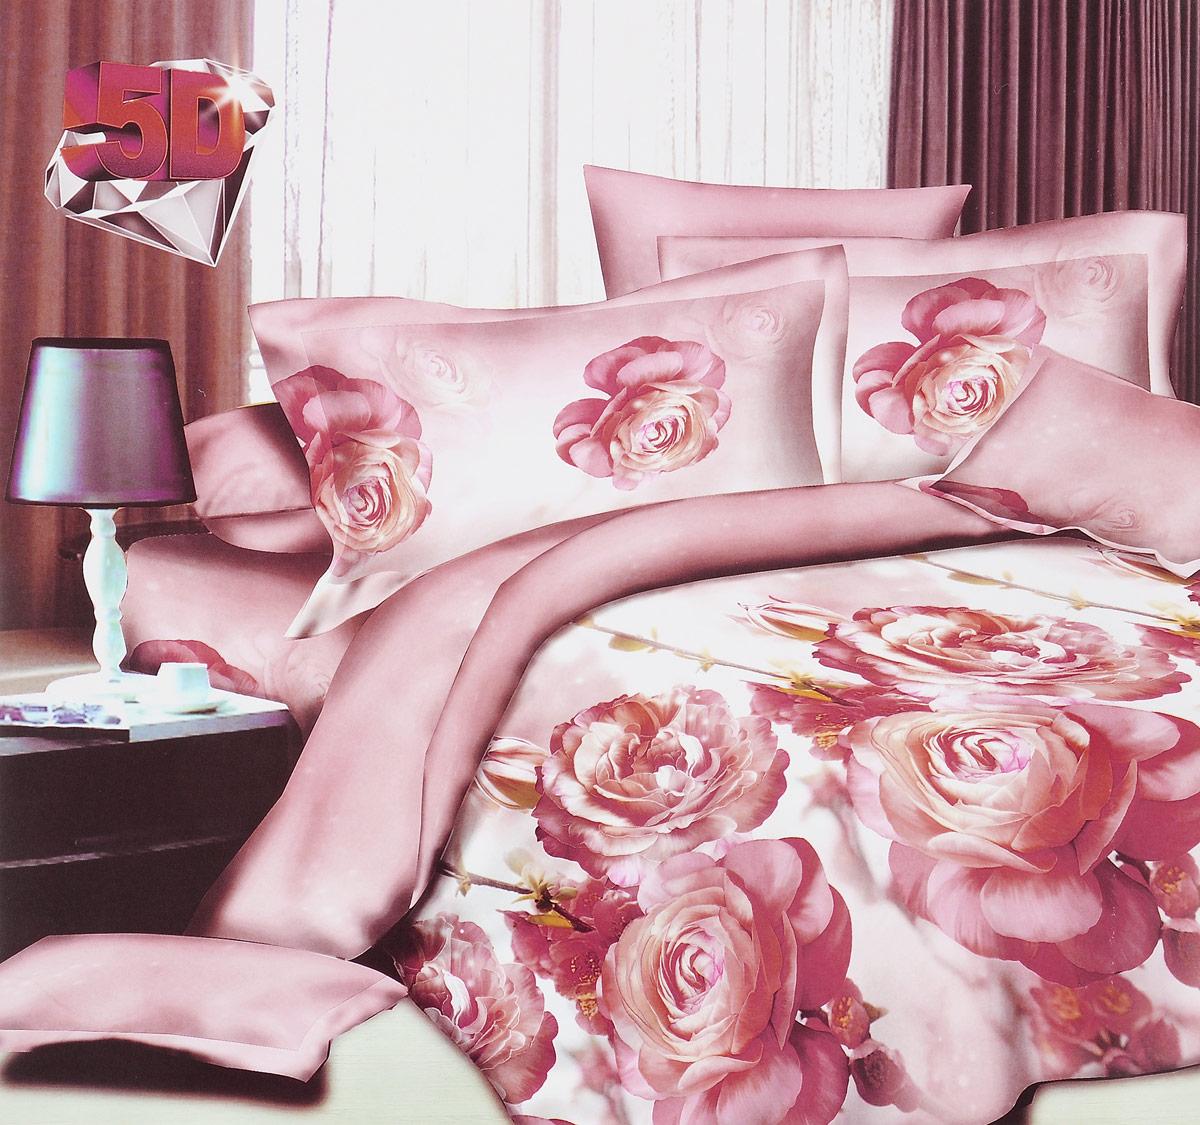 Комплект белья ЭГО Южная Роза, 1,5-спальный, наволочки 70x70